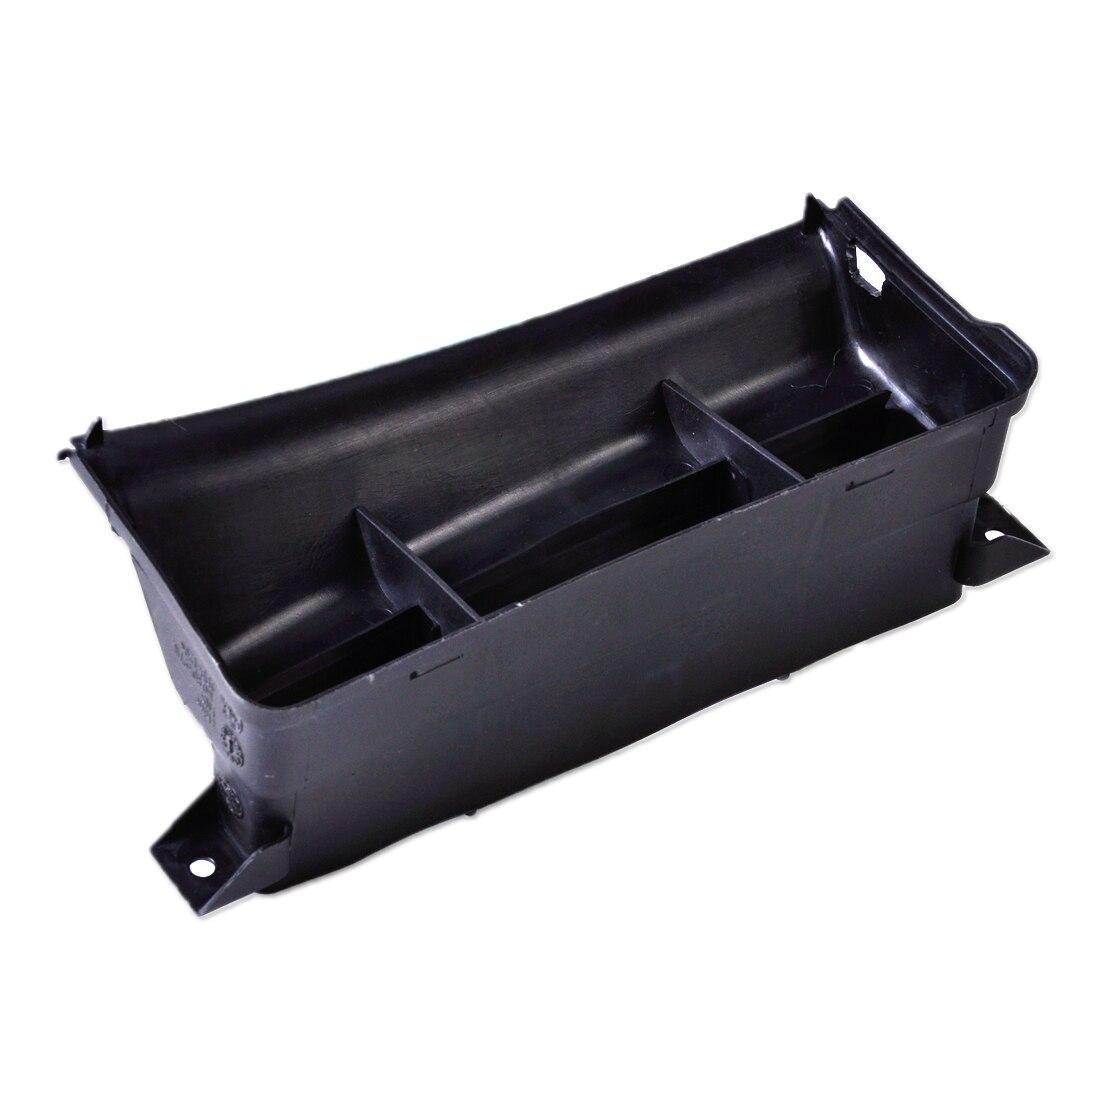 Beler 1 шт. черный воздухозаборник направляющий Впускной воздуховод подходит для VW Volkswagen Golf Jetta Mk5 Mk6 2011 2012 2013 1K0805971C 1K0805971